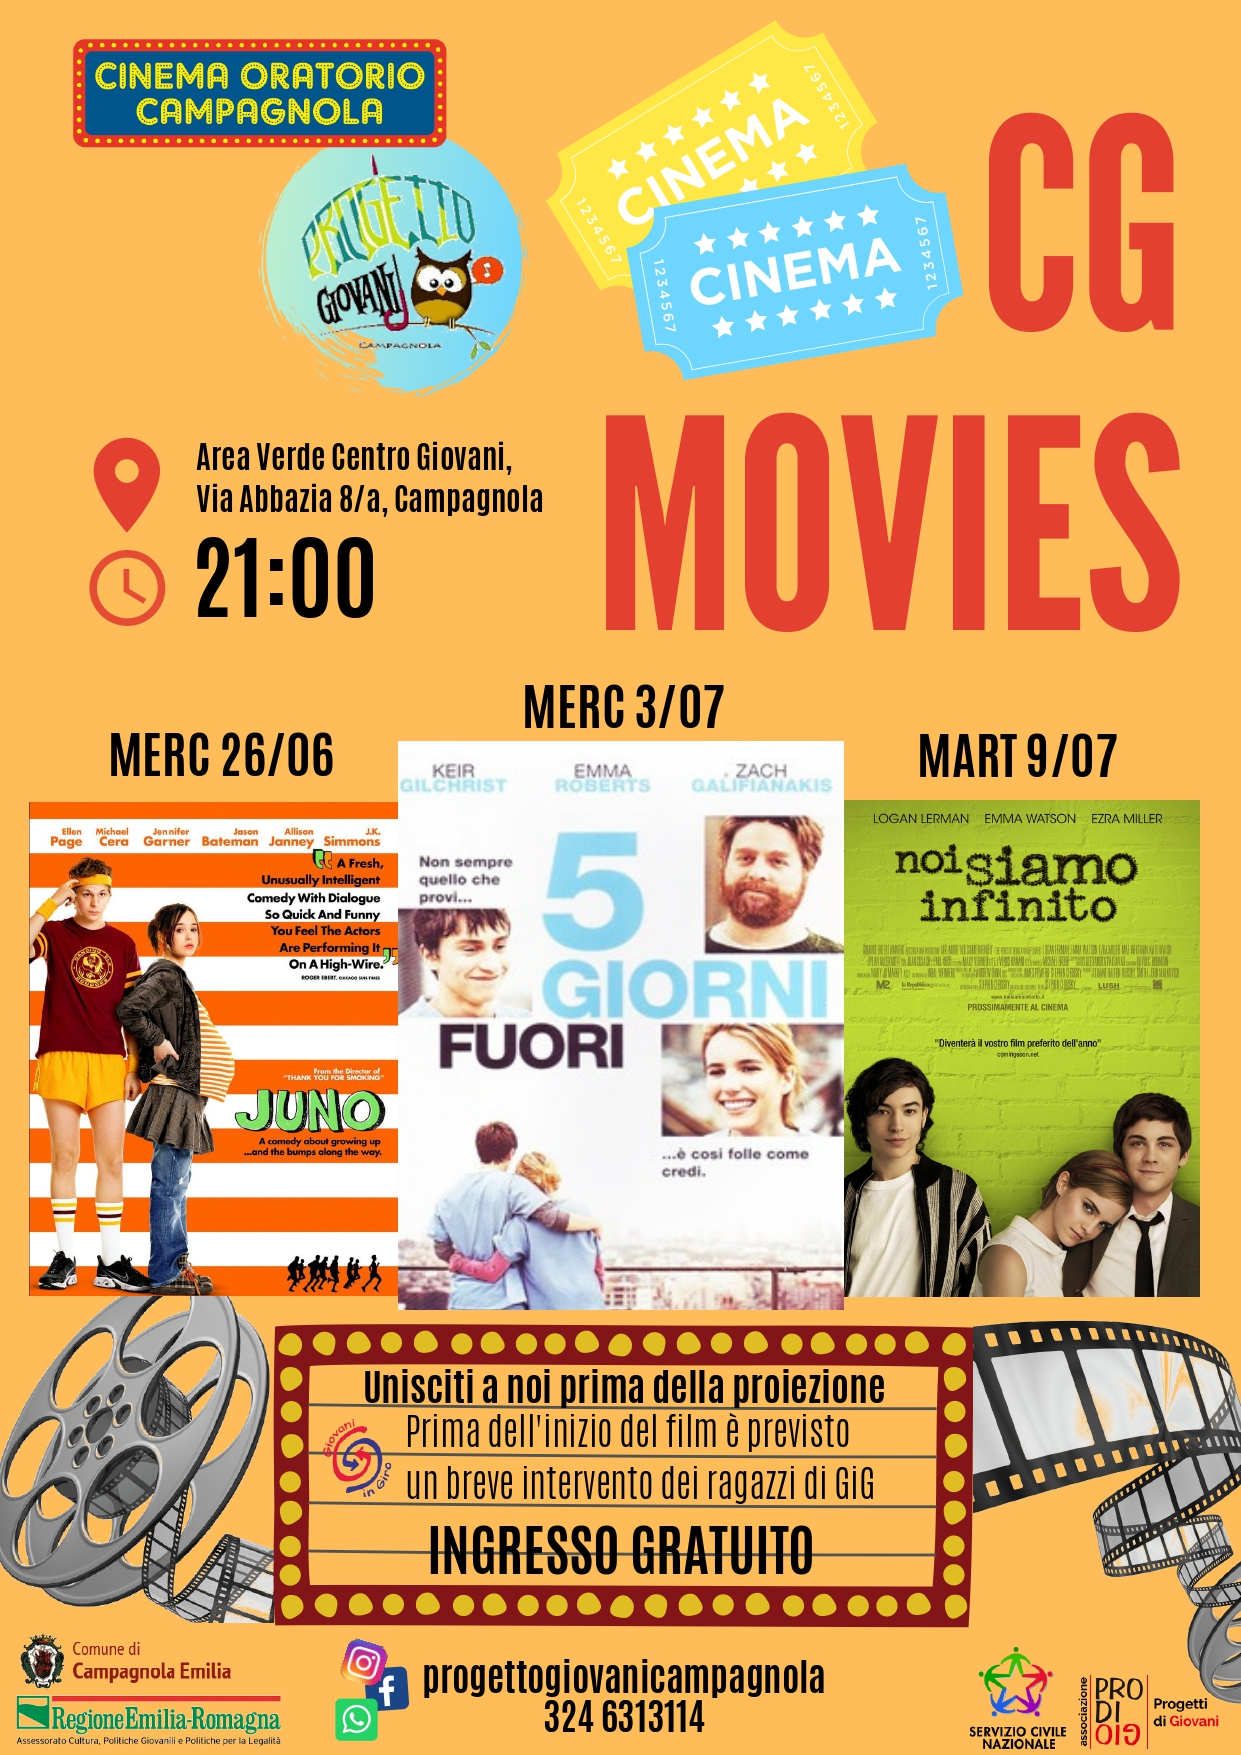 cg-movies_campagnola_emilia